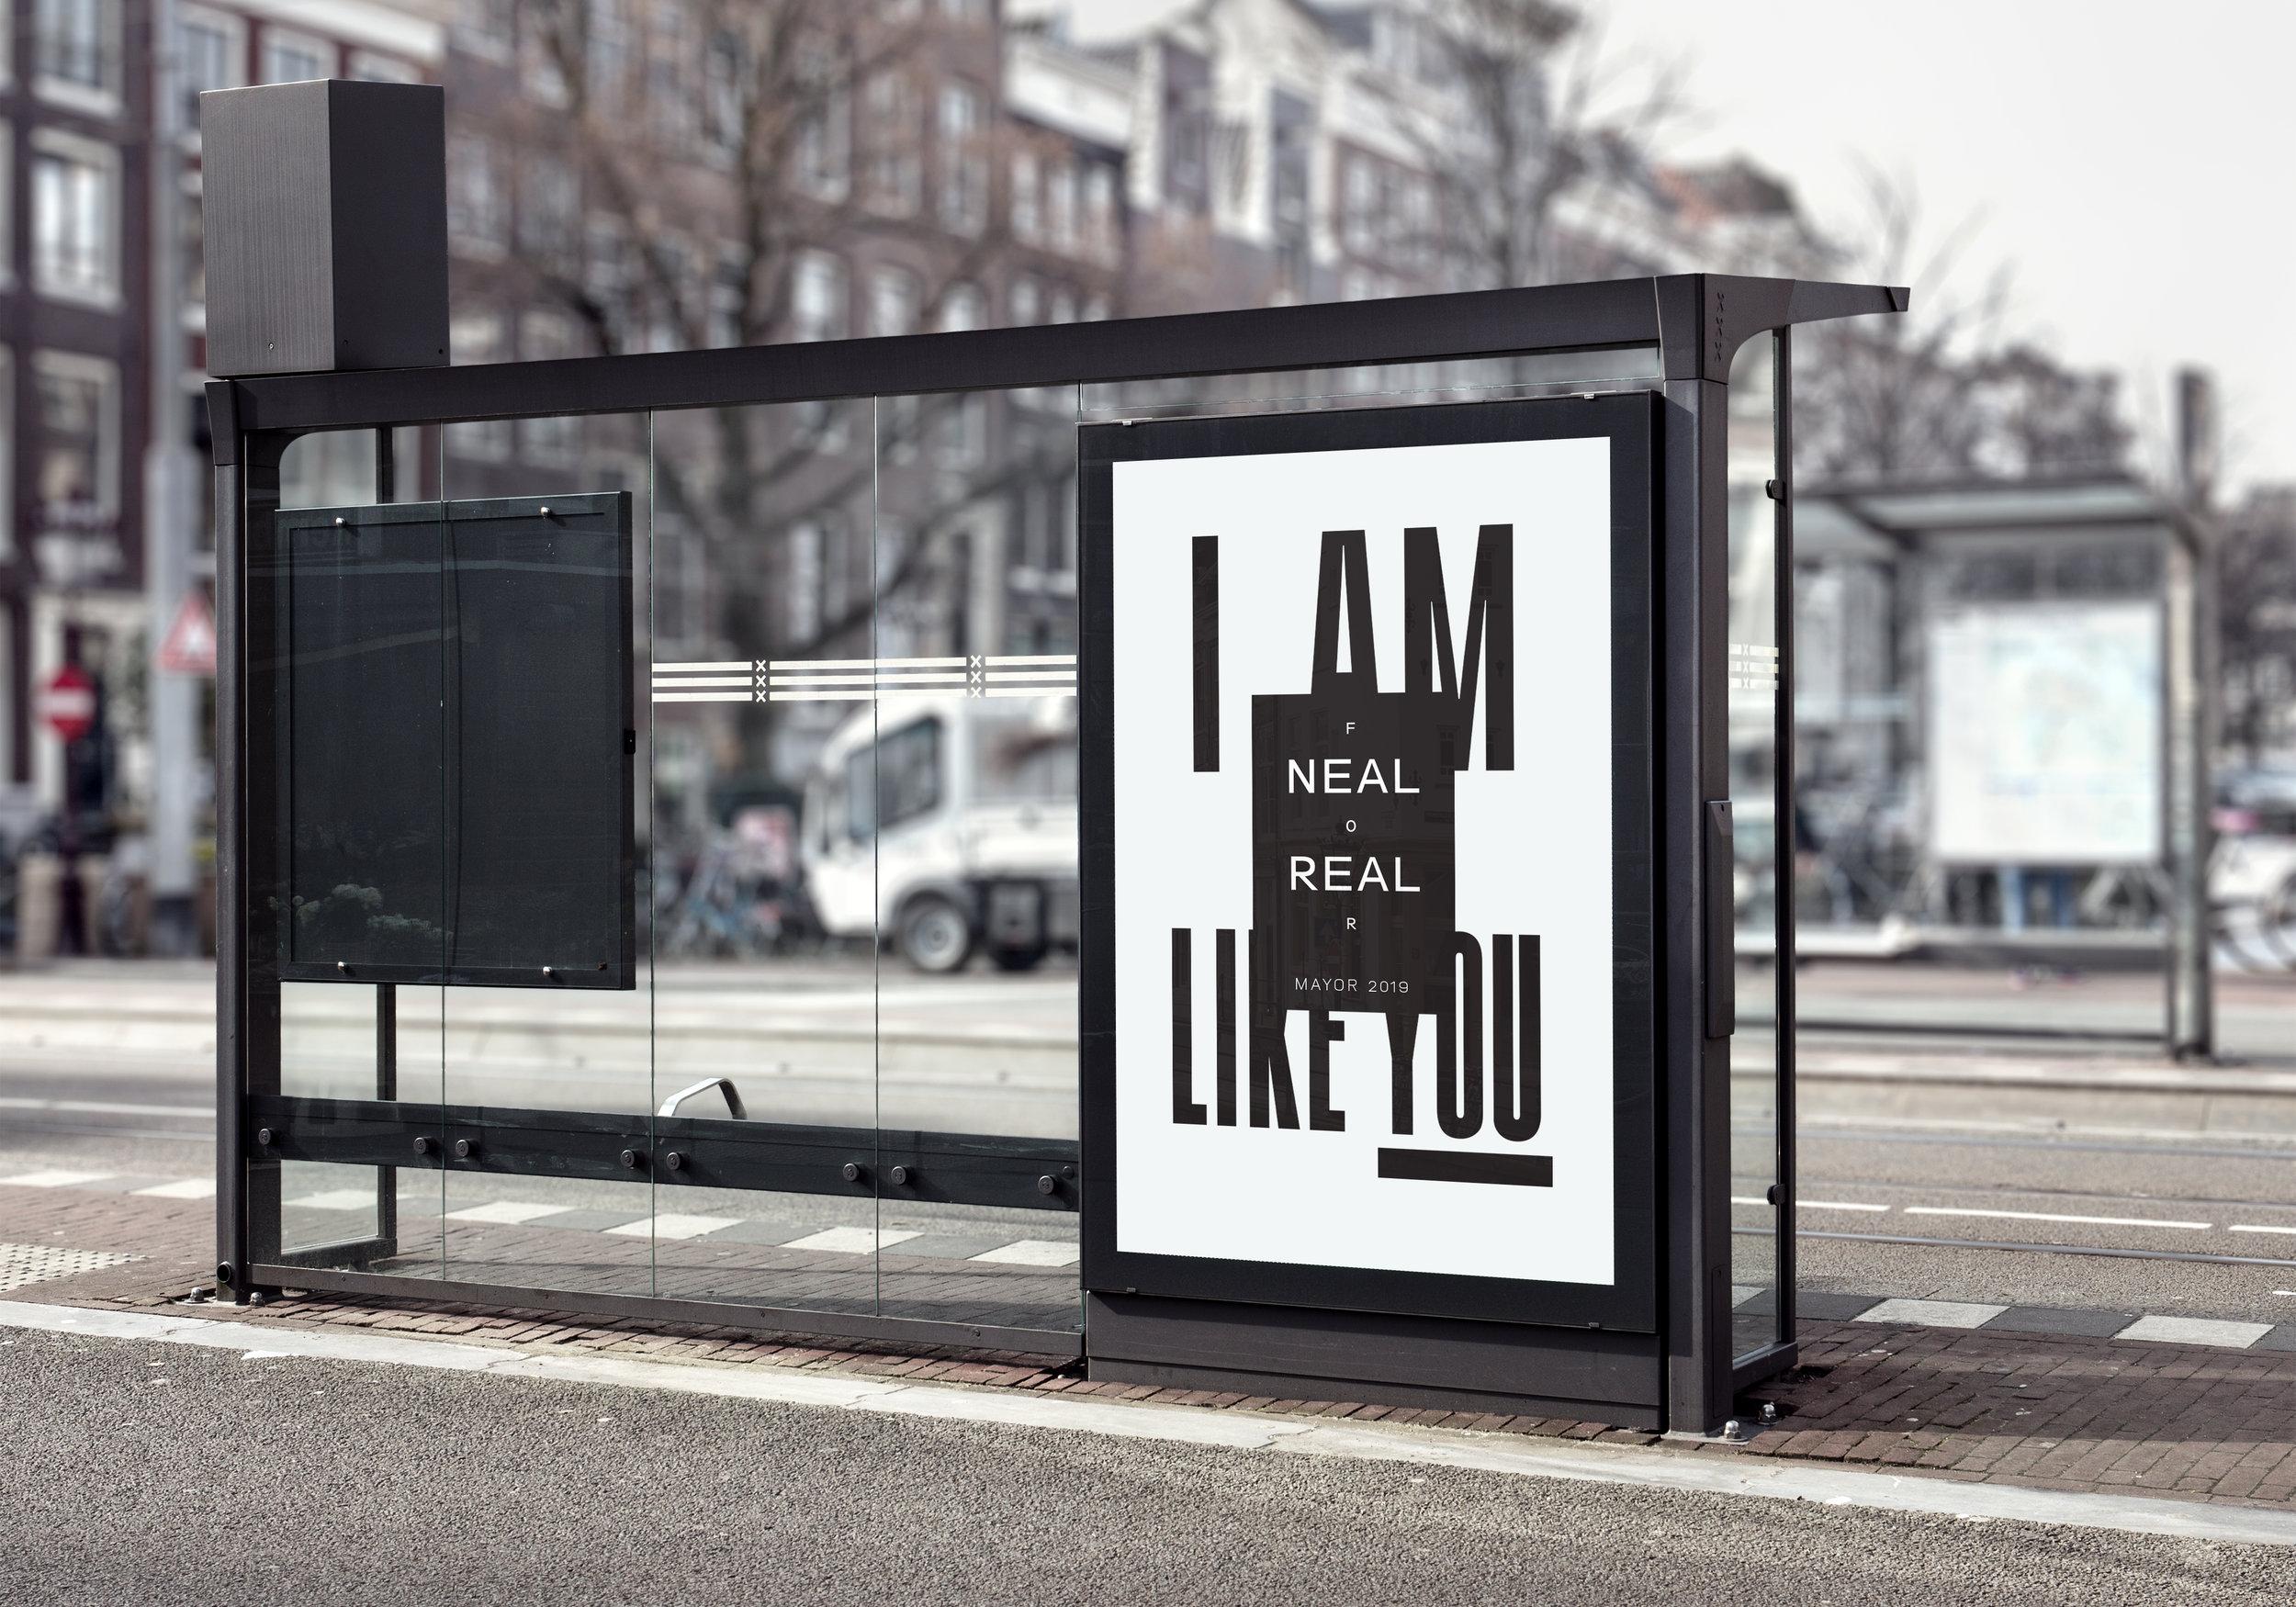 3D_billboard_bus-stop_1_4000w.jpg